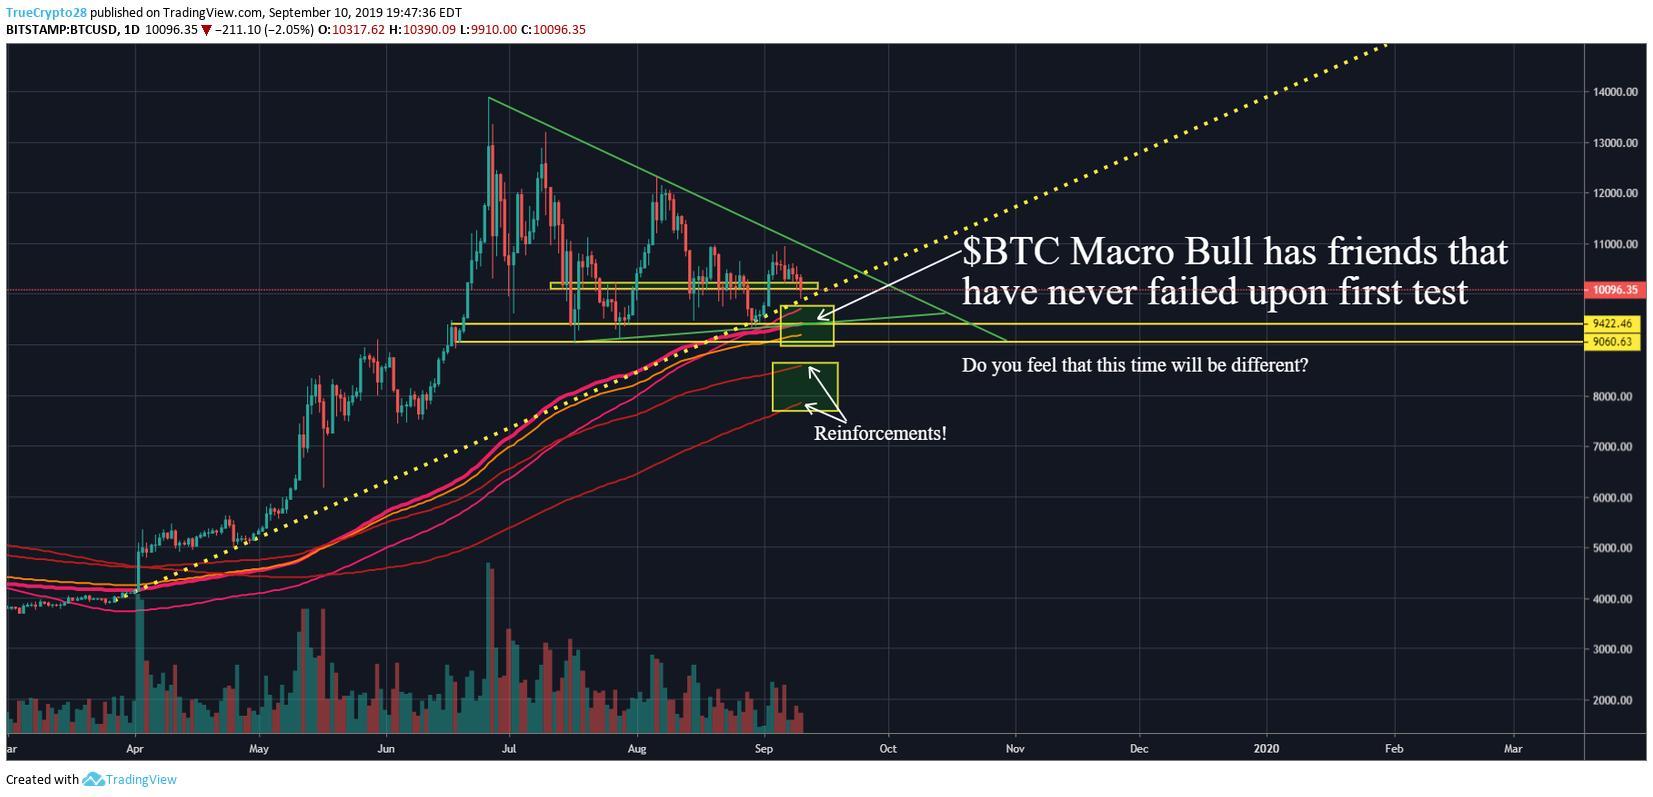 BTC macro bull